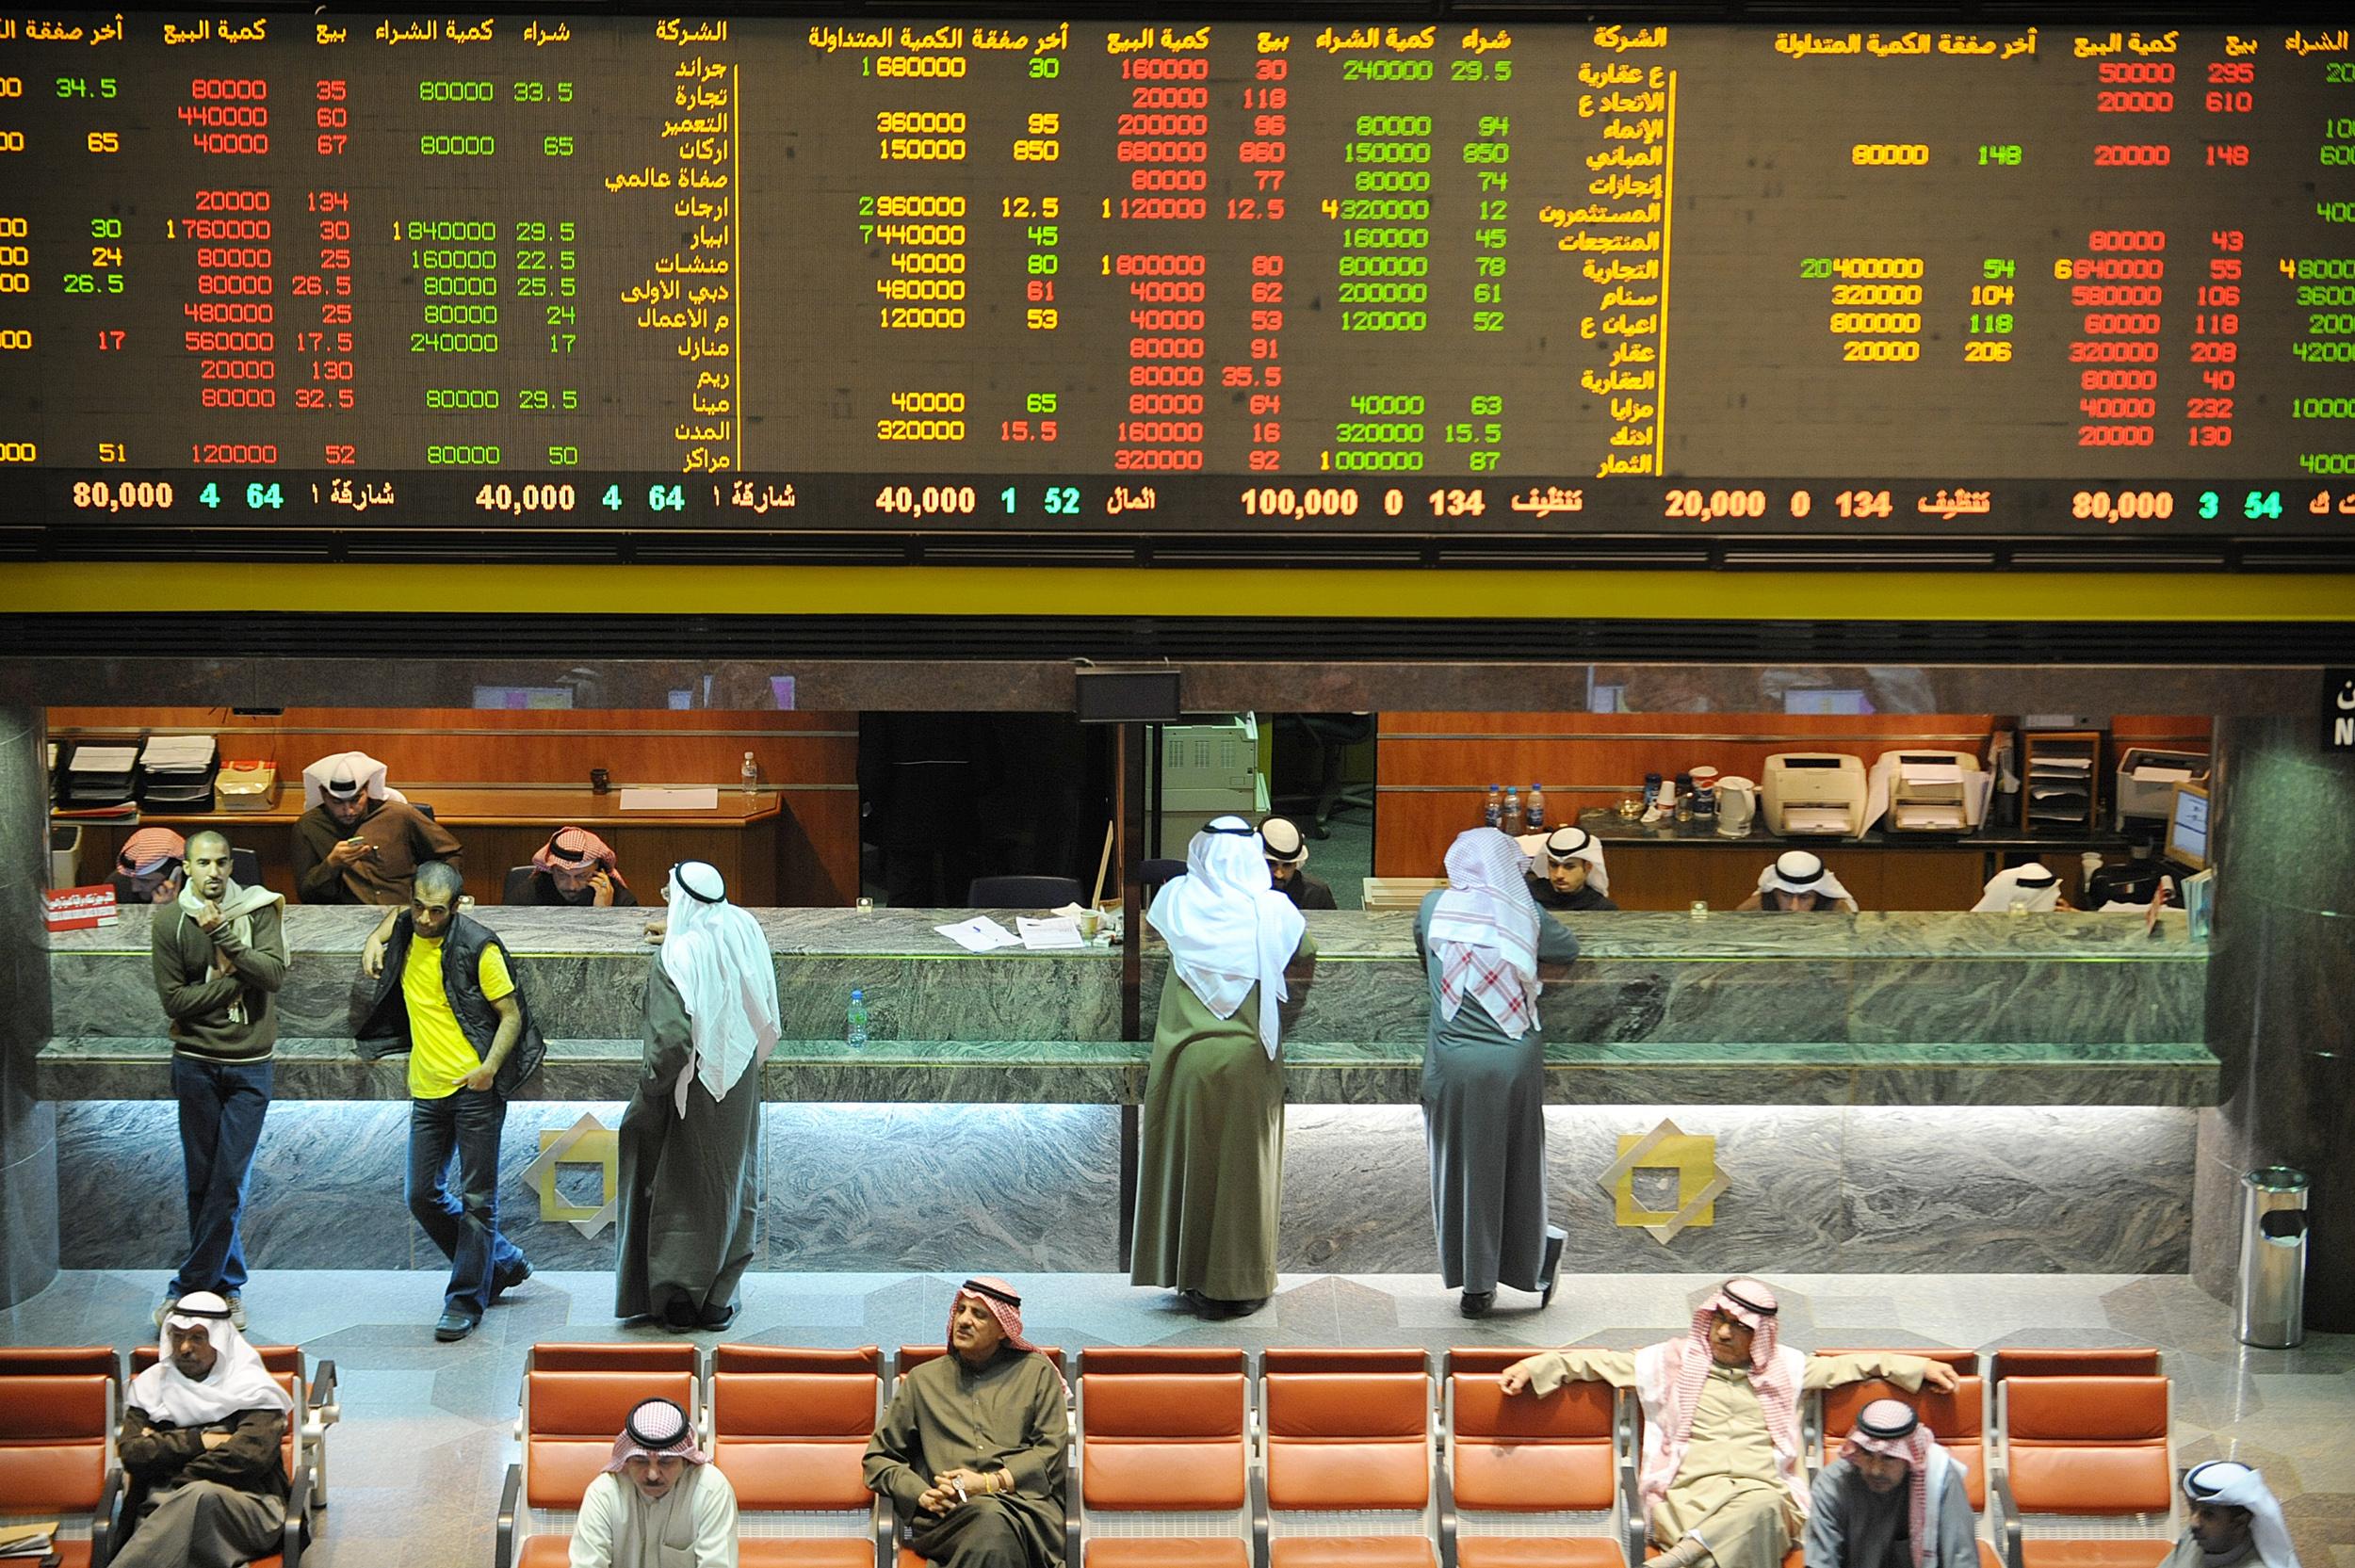 سوق الكويت للأوراق المالية البورصة